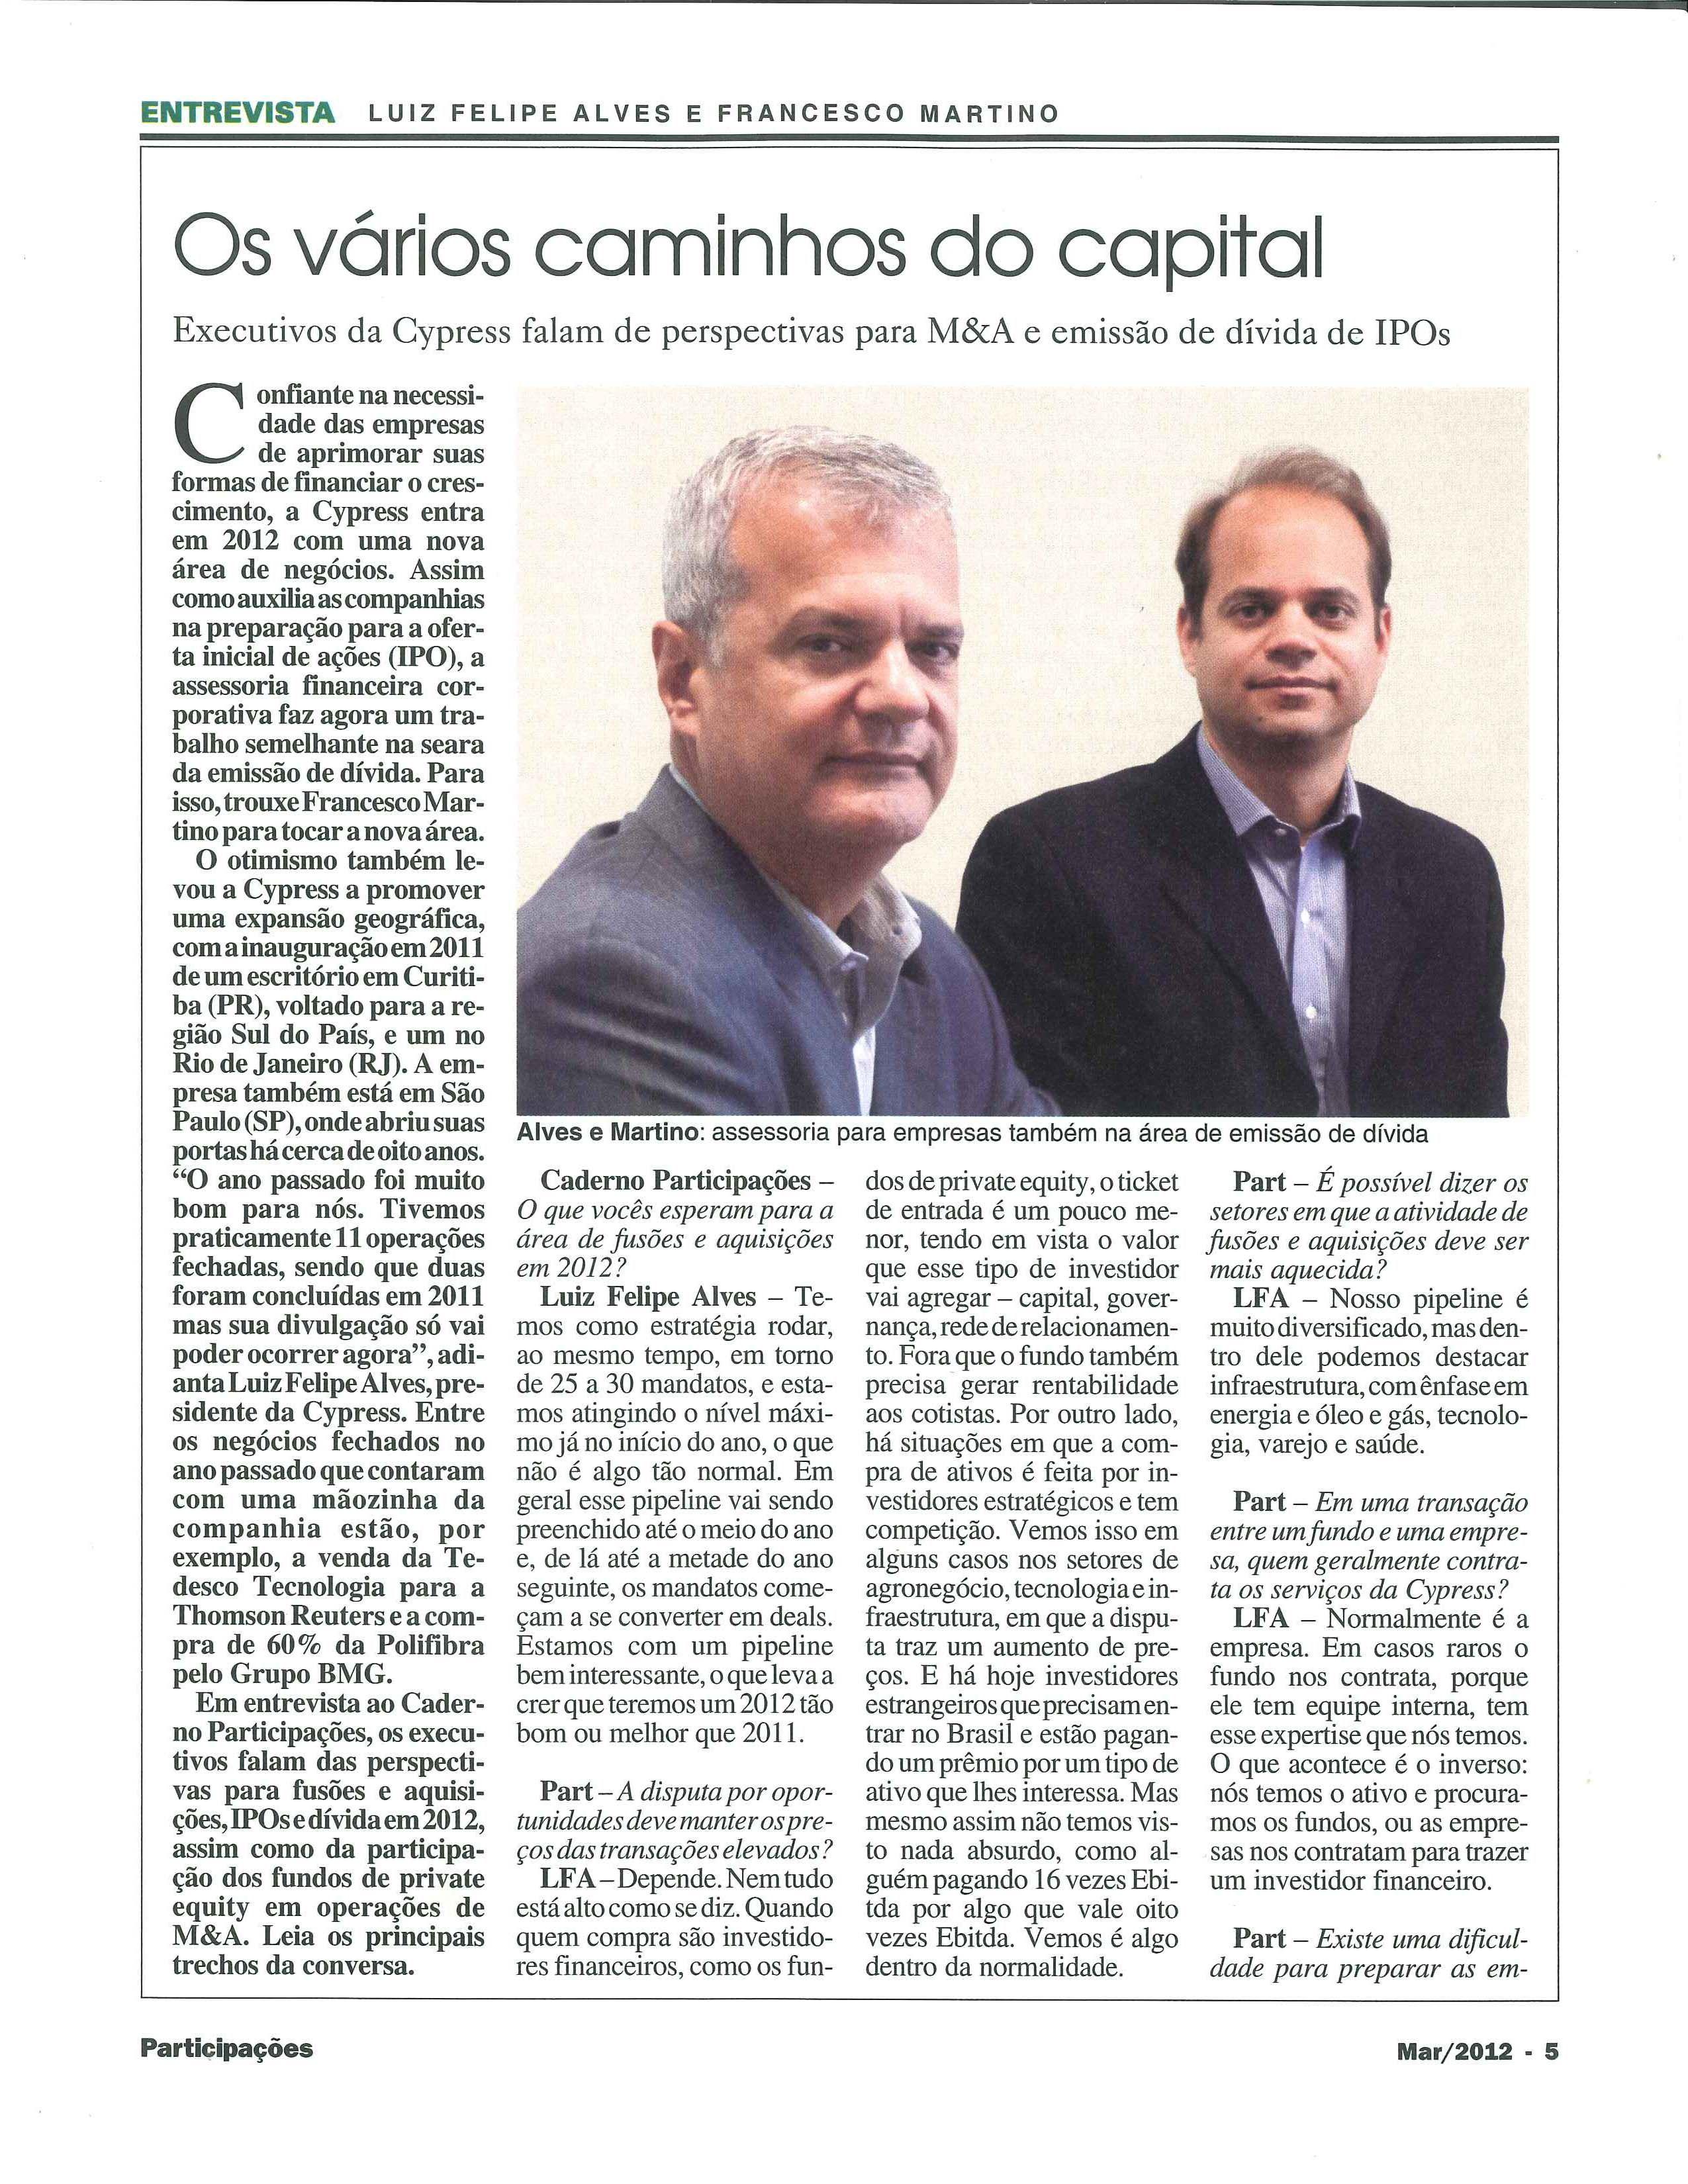 Título: Os vários caminhos do capital  Veículo: Revista Investidor Institucional  Data: Março 2012  Cliente: Cypress